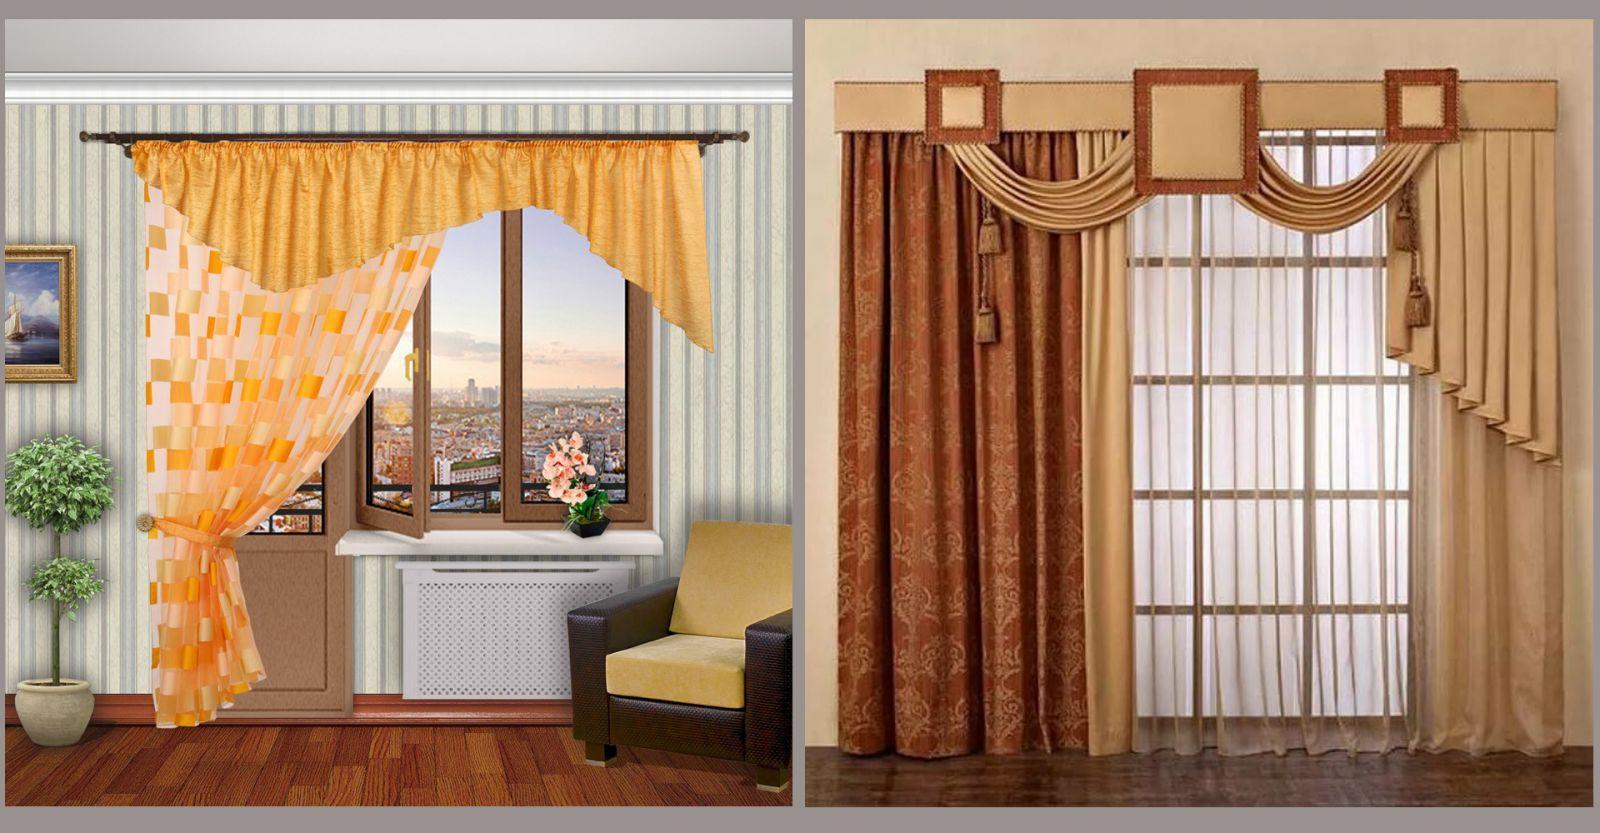 Варианты дизайна шторами и ламбрекенами несимметричных окон